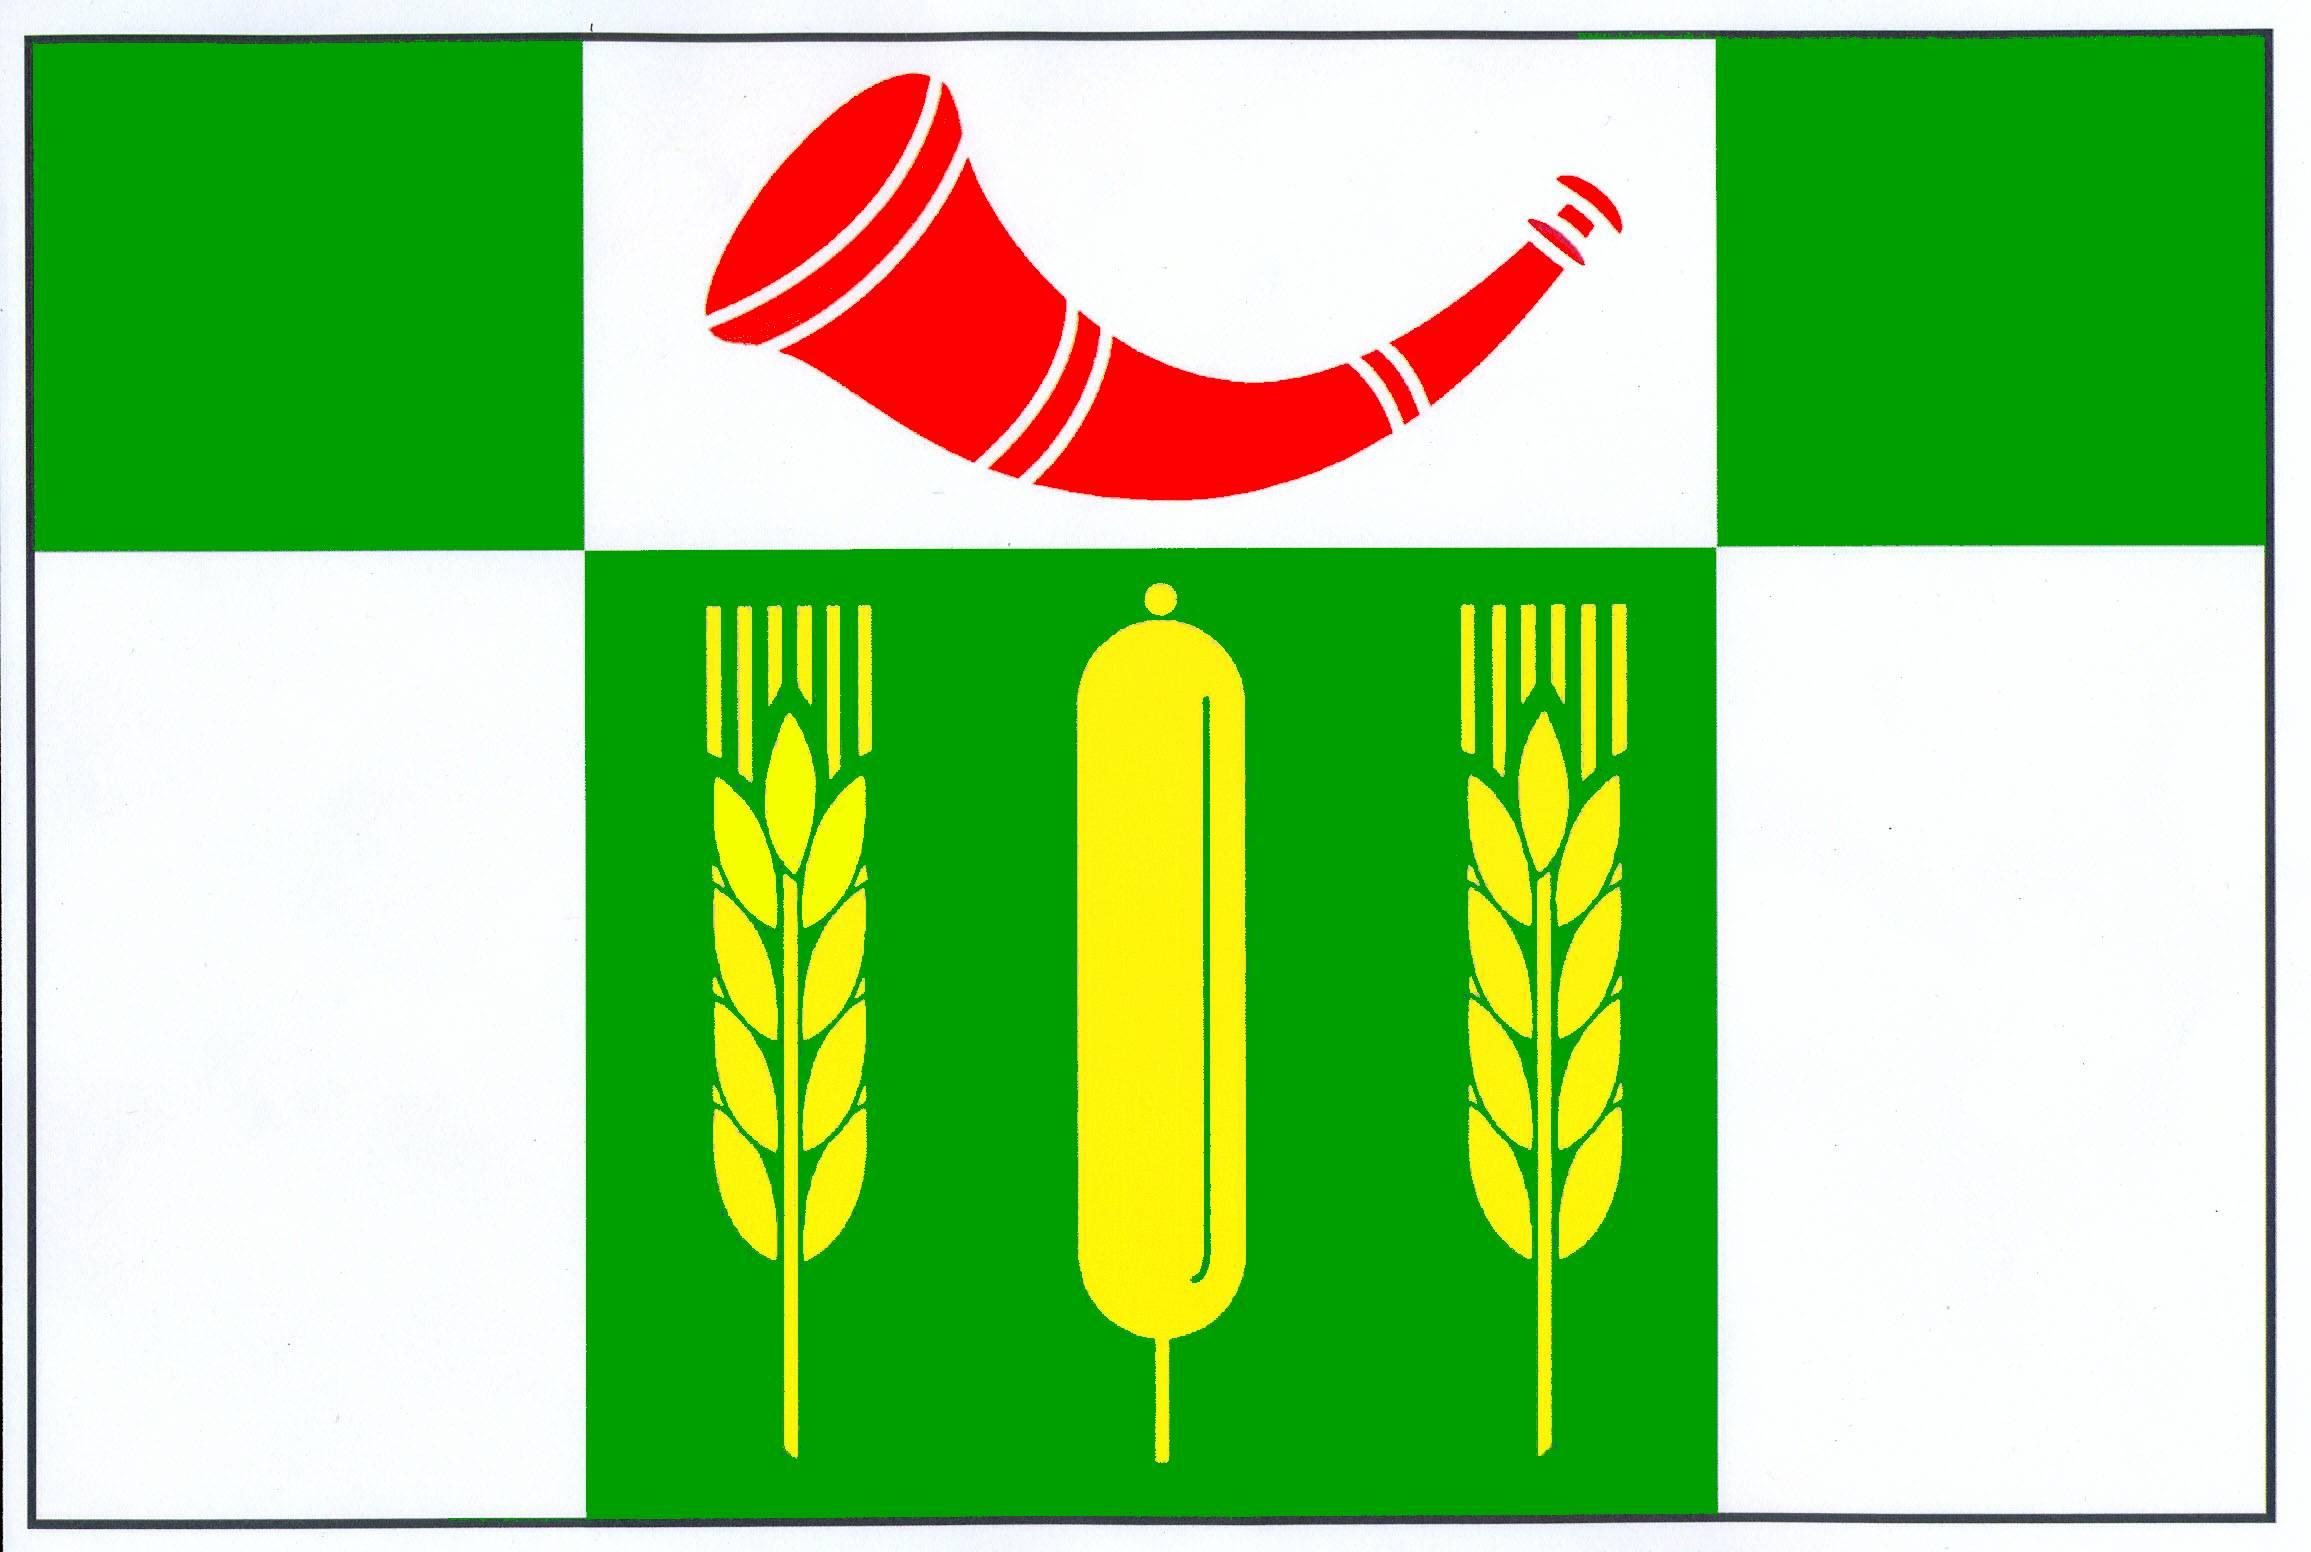 Flagge GemeindeWesterhorn, Kreis Pinneberg